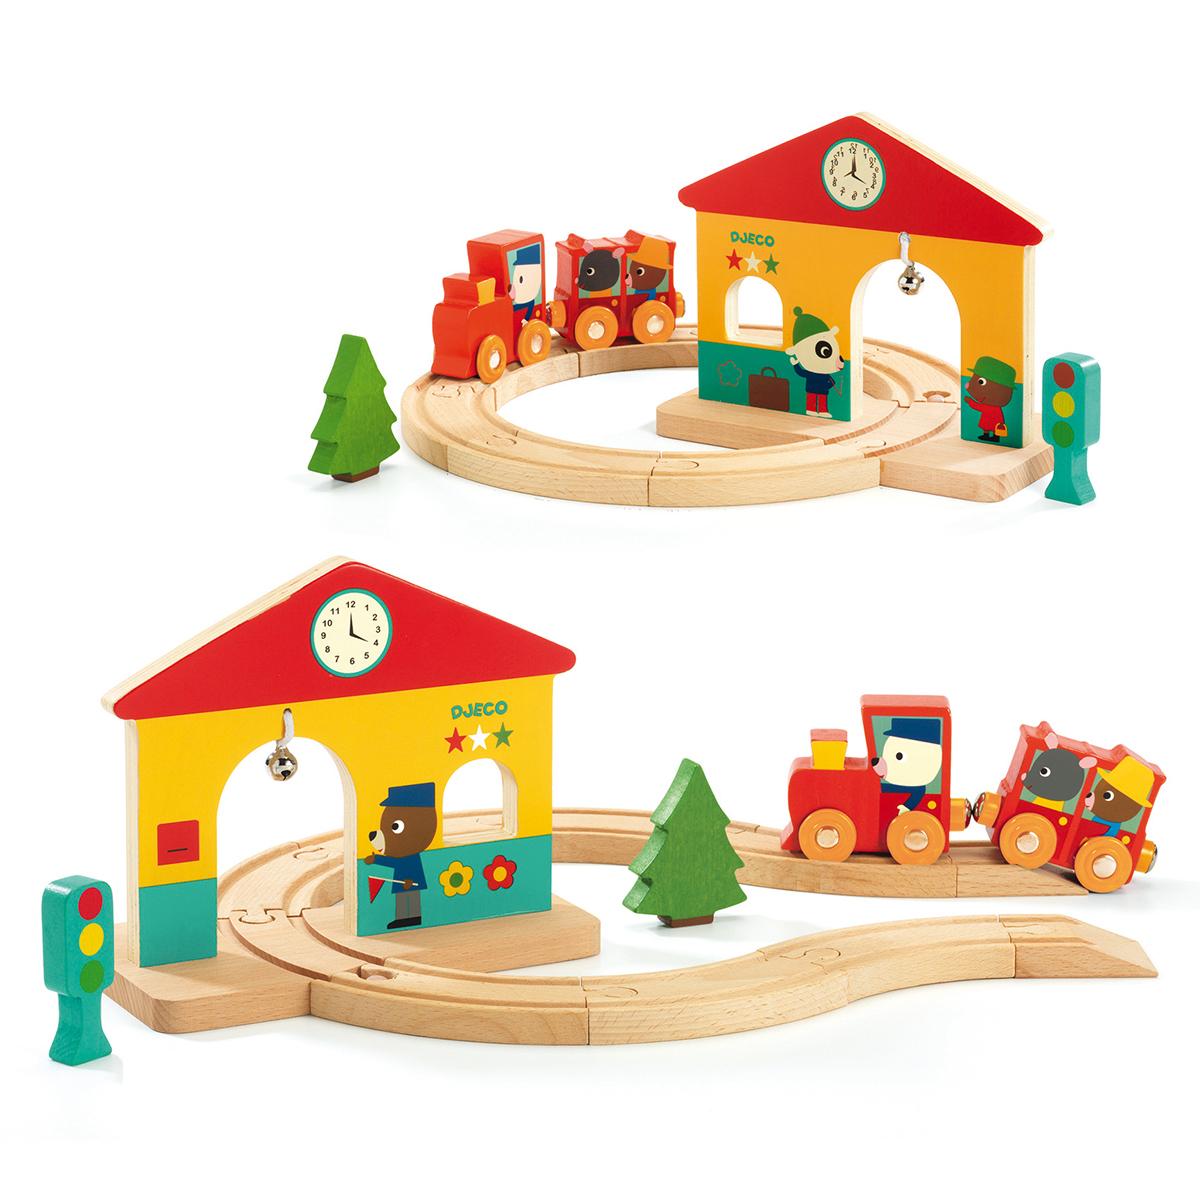 Mes premiers jouets Petit Train en Bois Minitrain Petit Train en Bois Minitrain